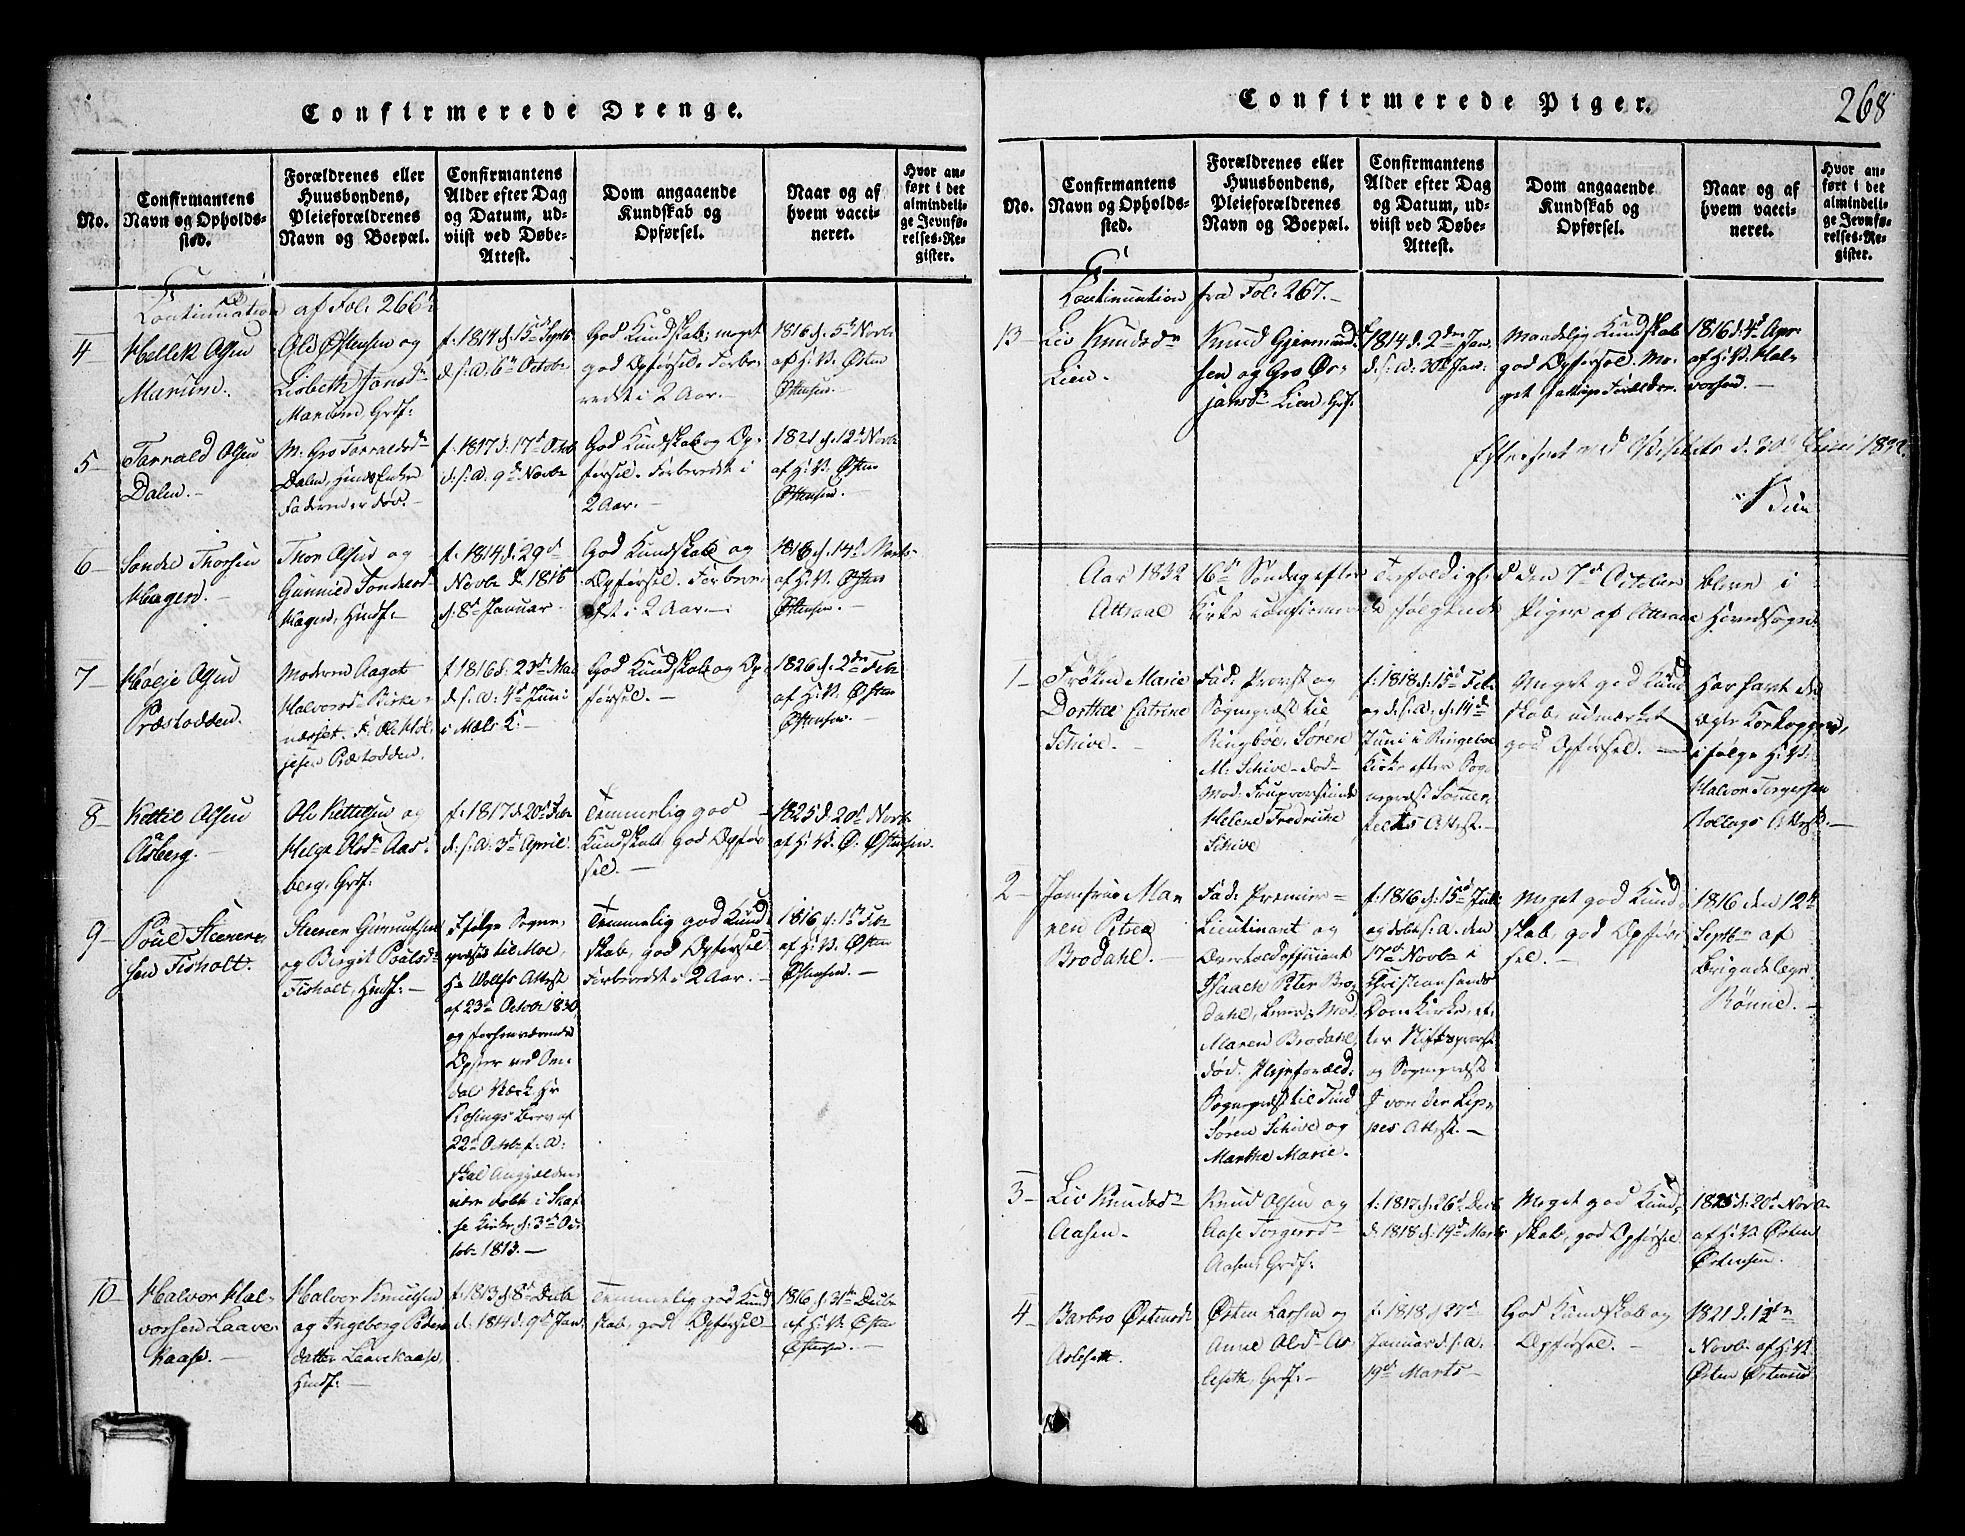 SAKO, Tinn kirkebøker, G/Ga/L0001: Klokkerbok nr. I 1, 1815-1850, s. 268